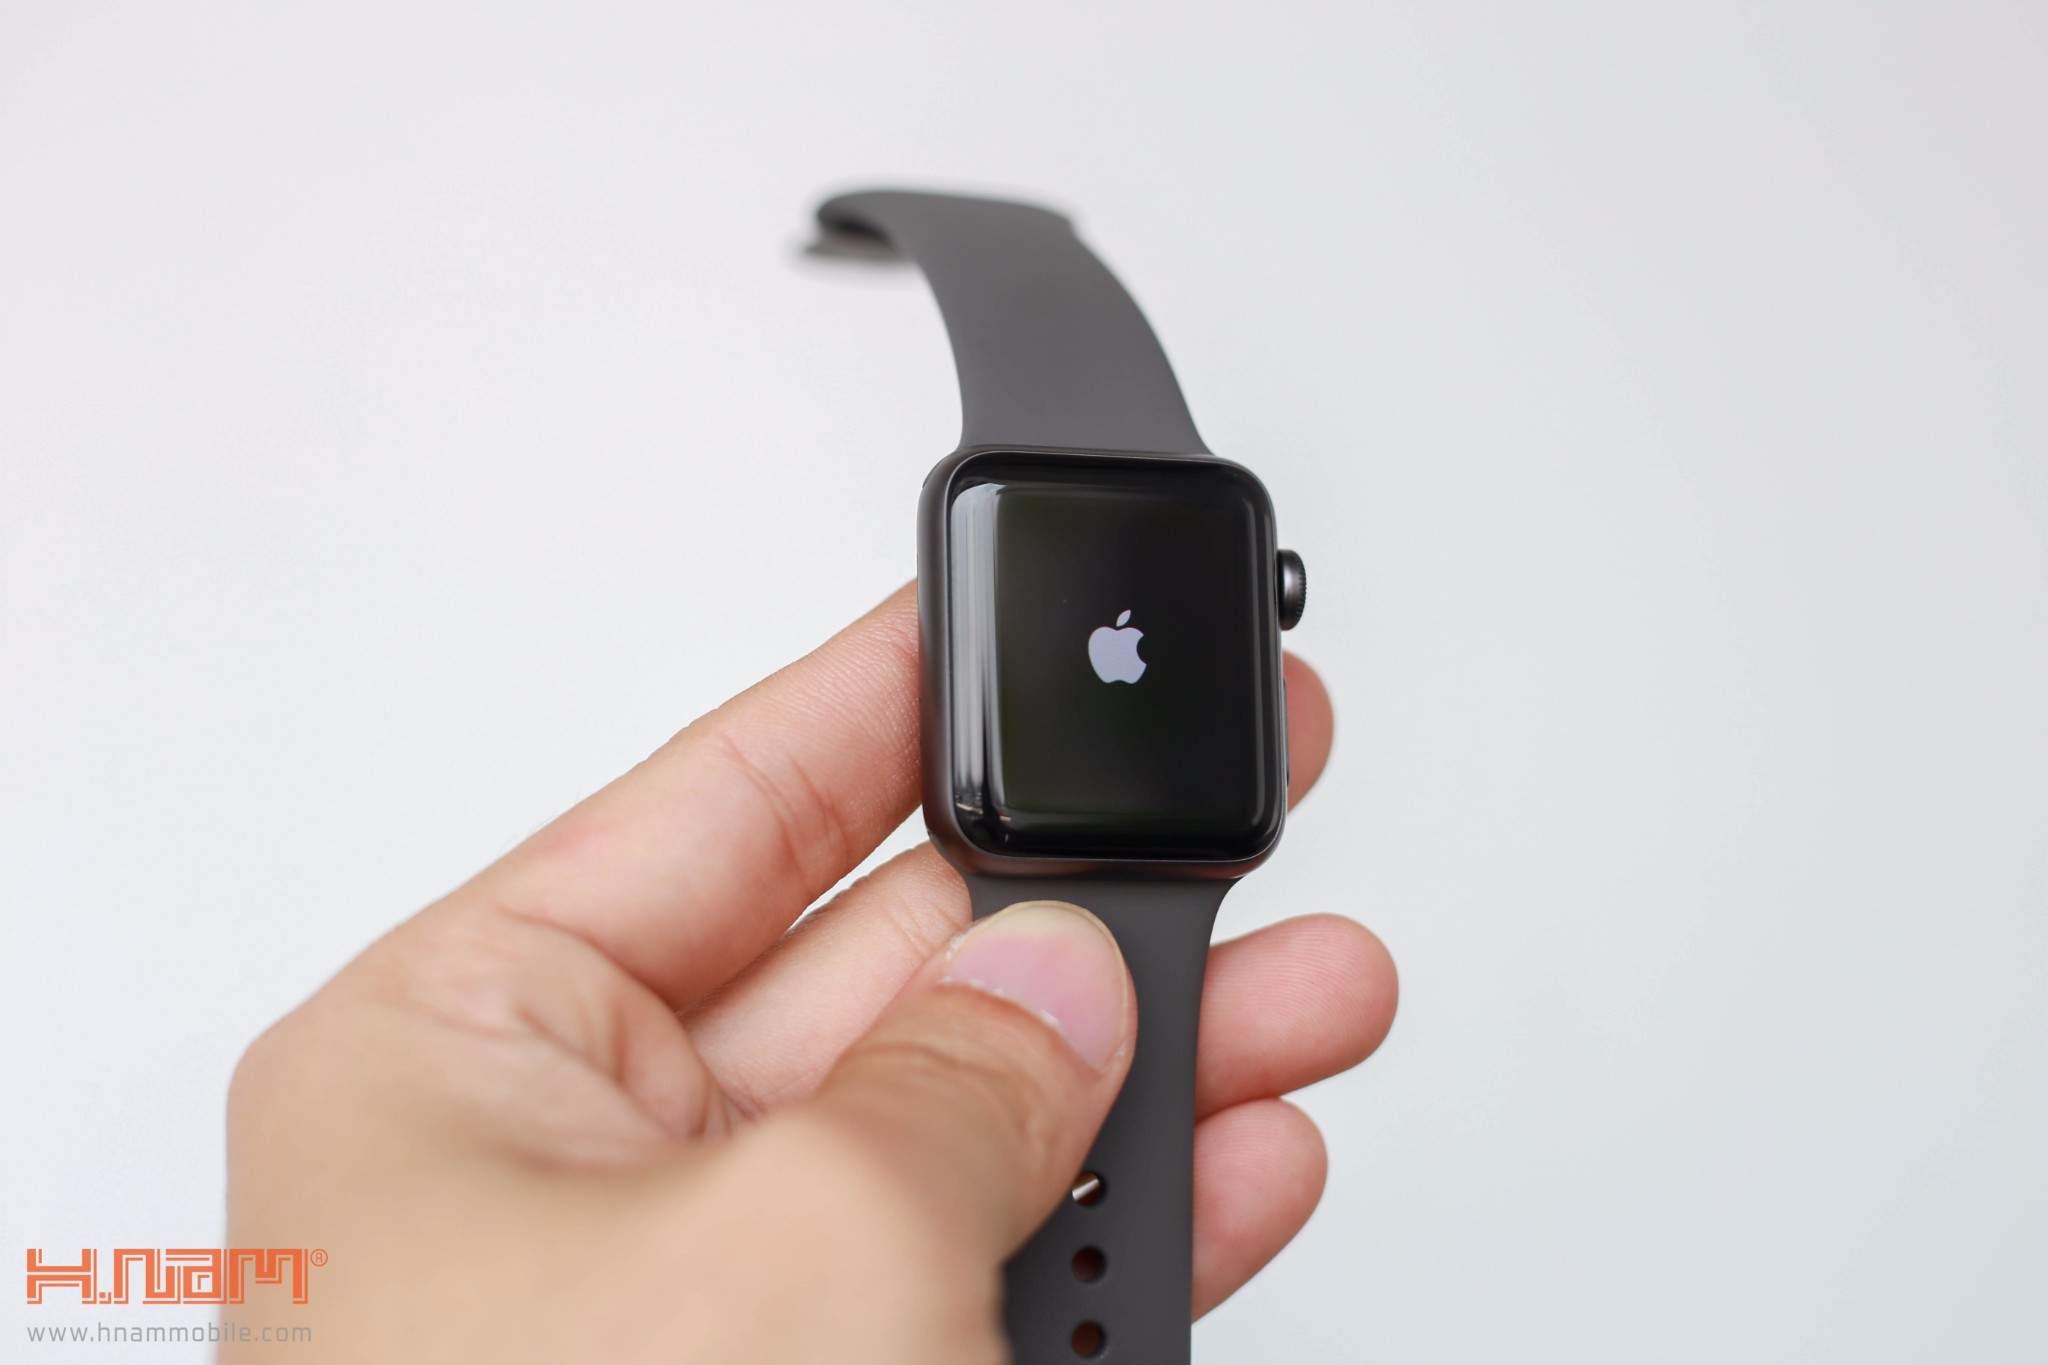 Apple Watch Series 3 Cellular 38mm Silver Aluminum Case - MQJN2 ( Trôi bảo hành , chưa Active ) hình sản phẩm 0